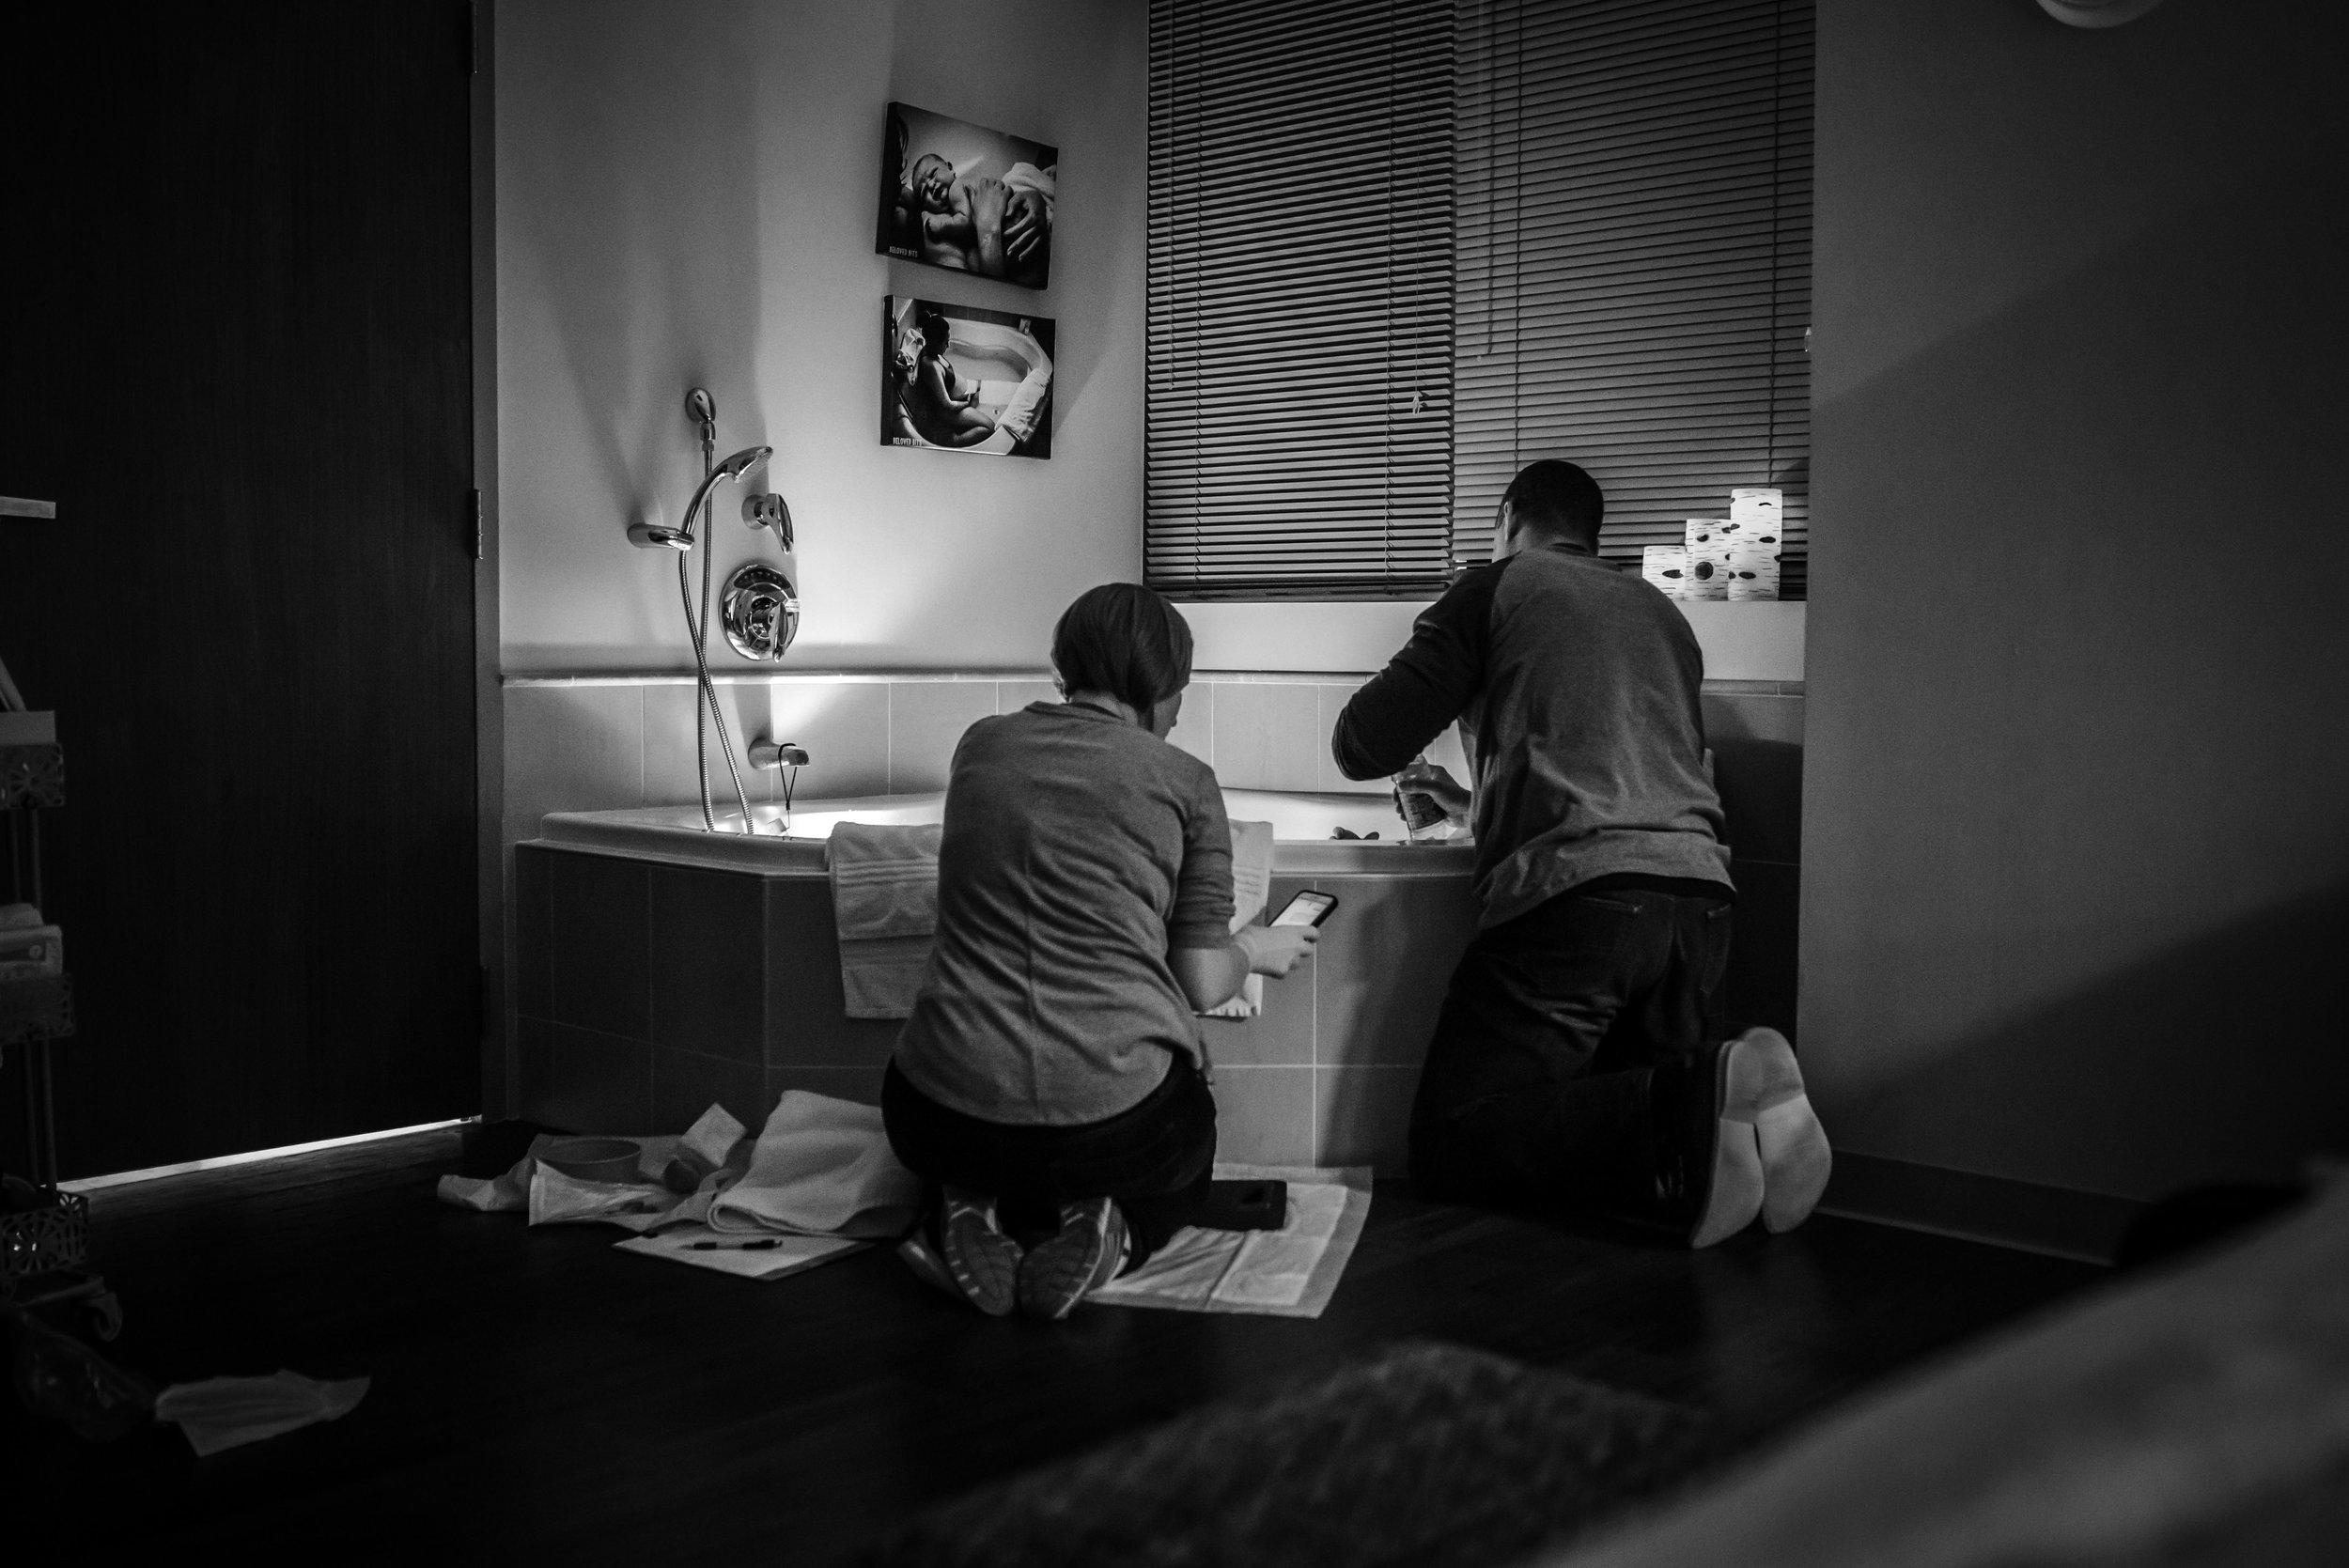 016-UF-birth-center-jacksonville-birth-photographer.JPG